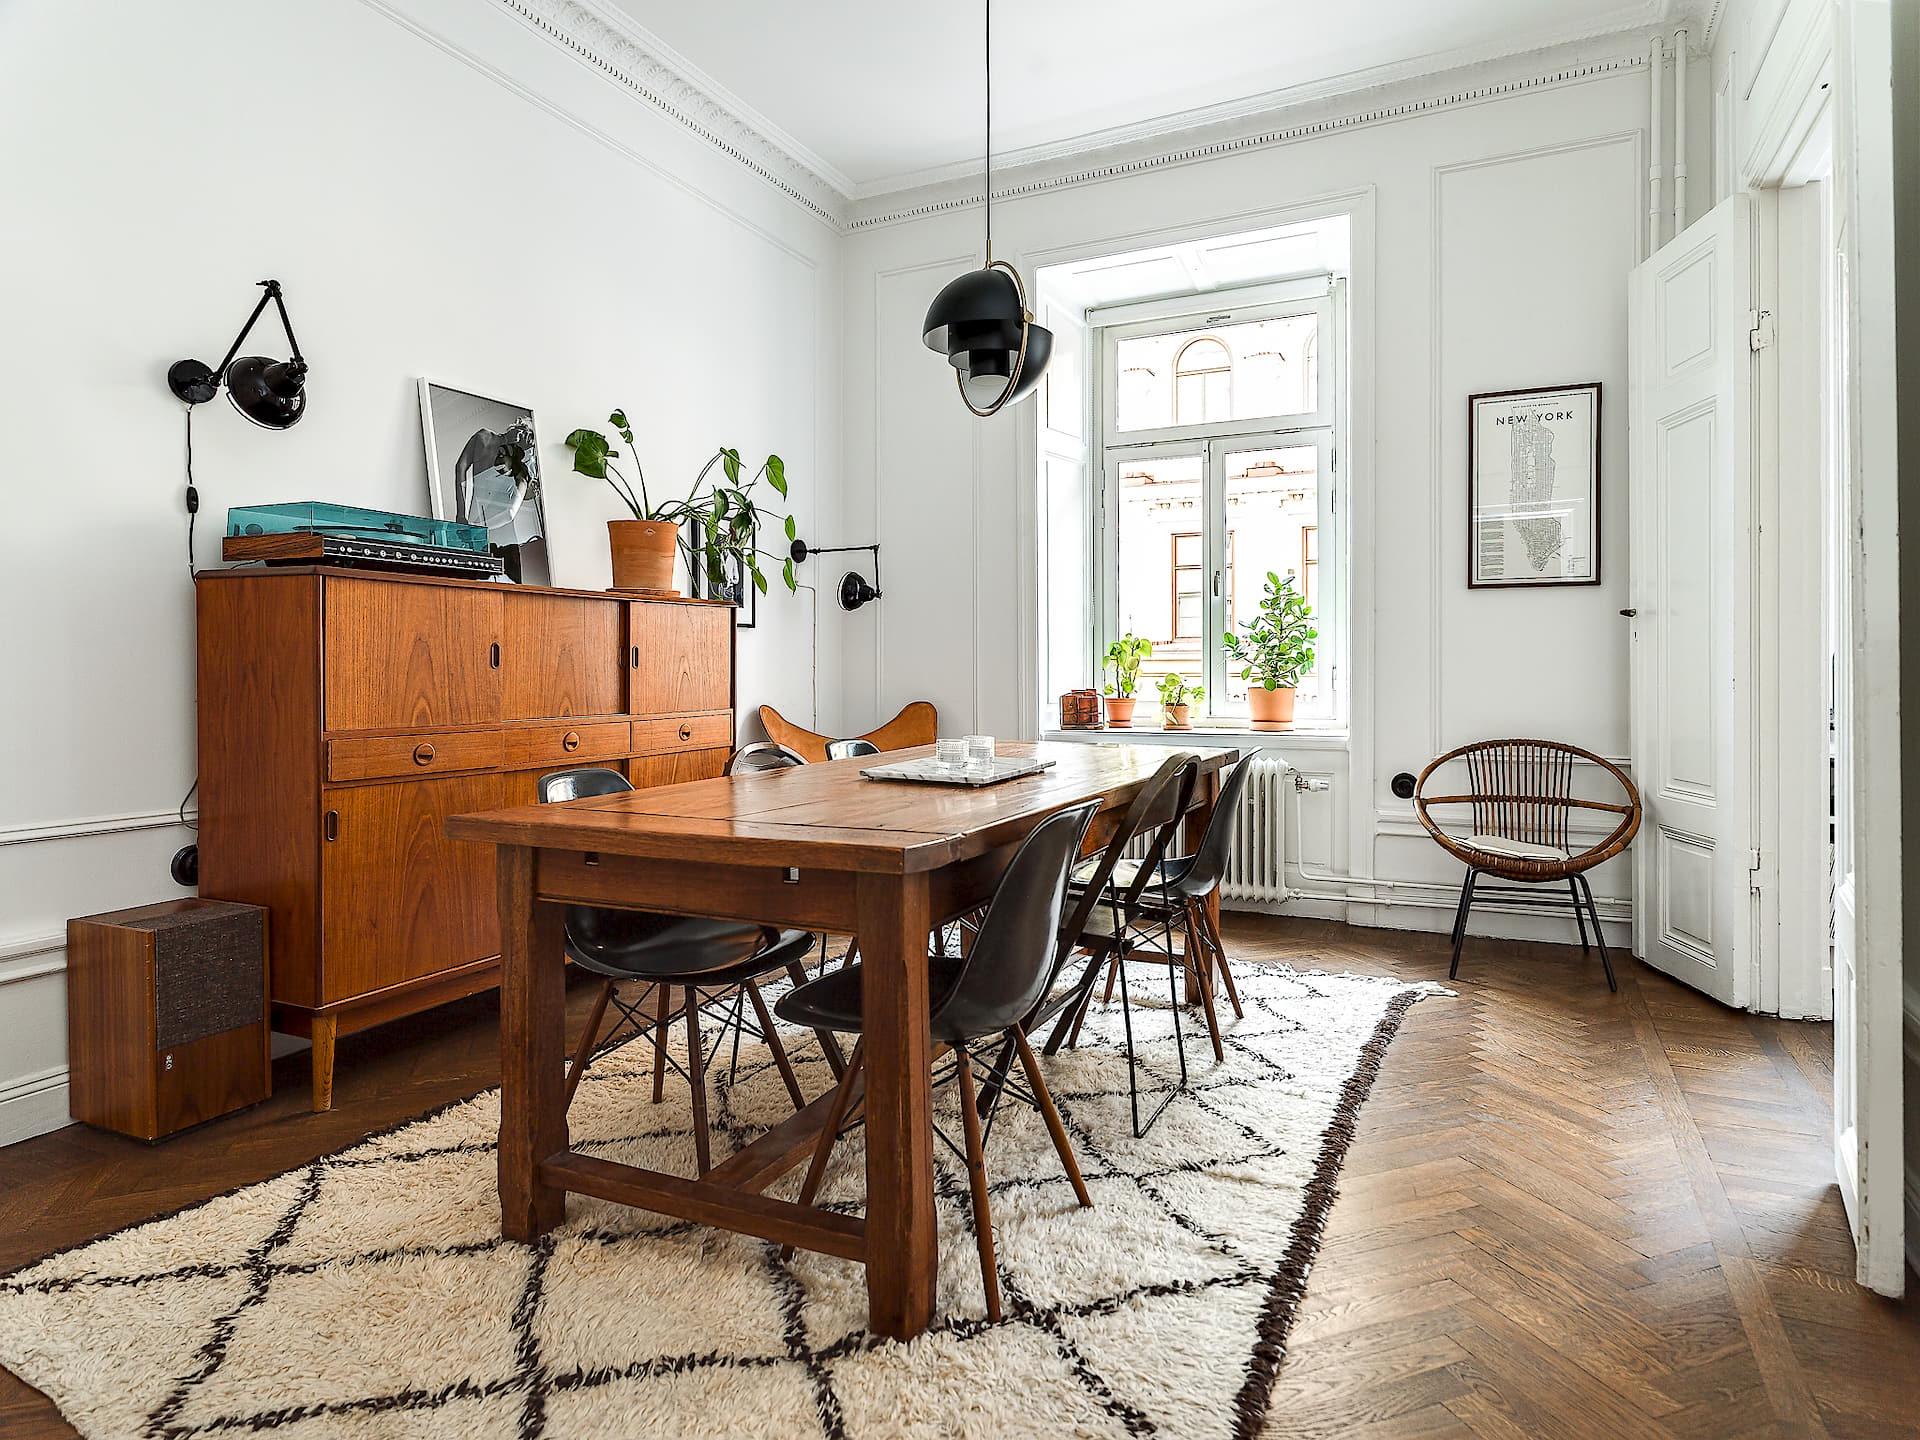 столовая обеденный стол ковер комод